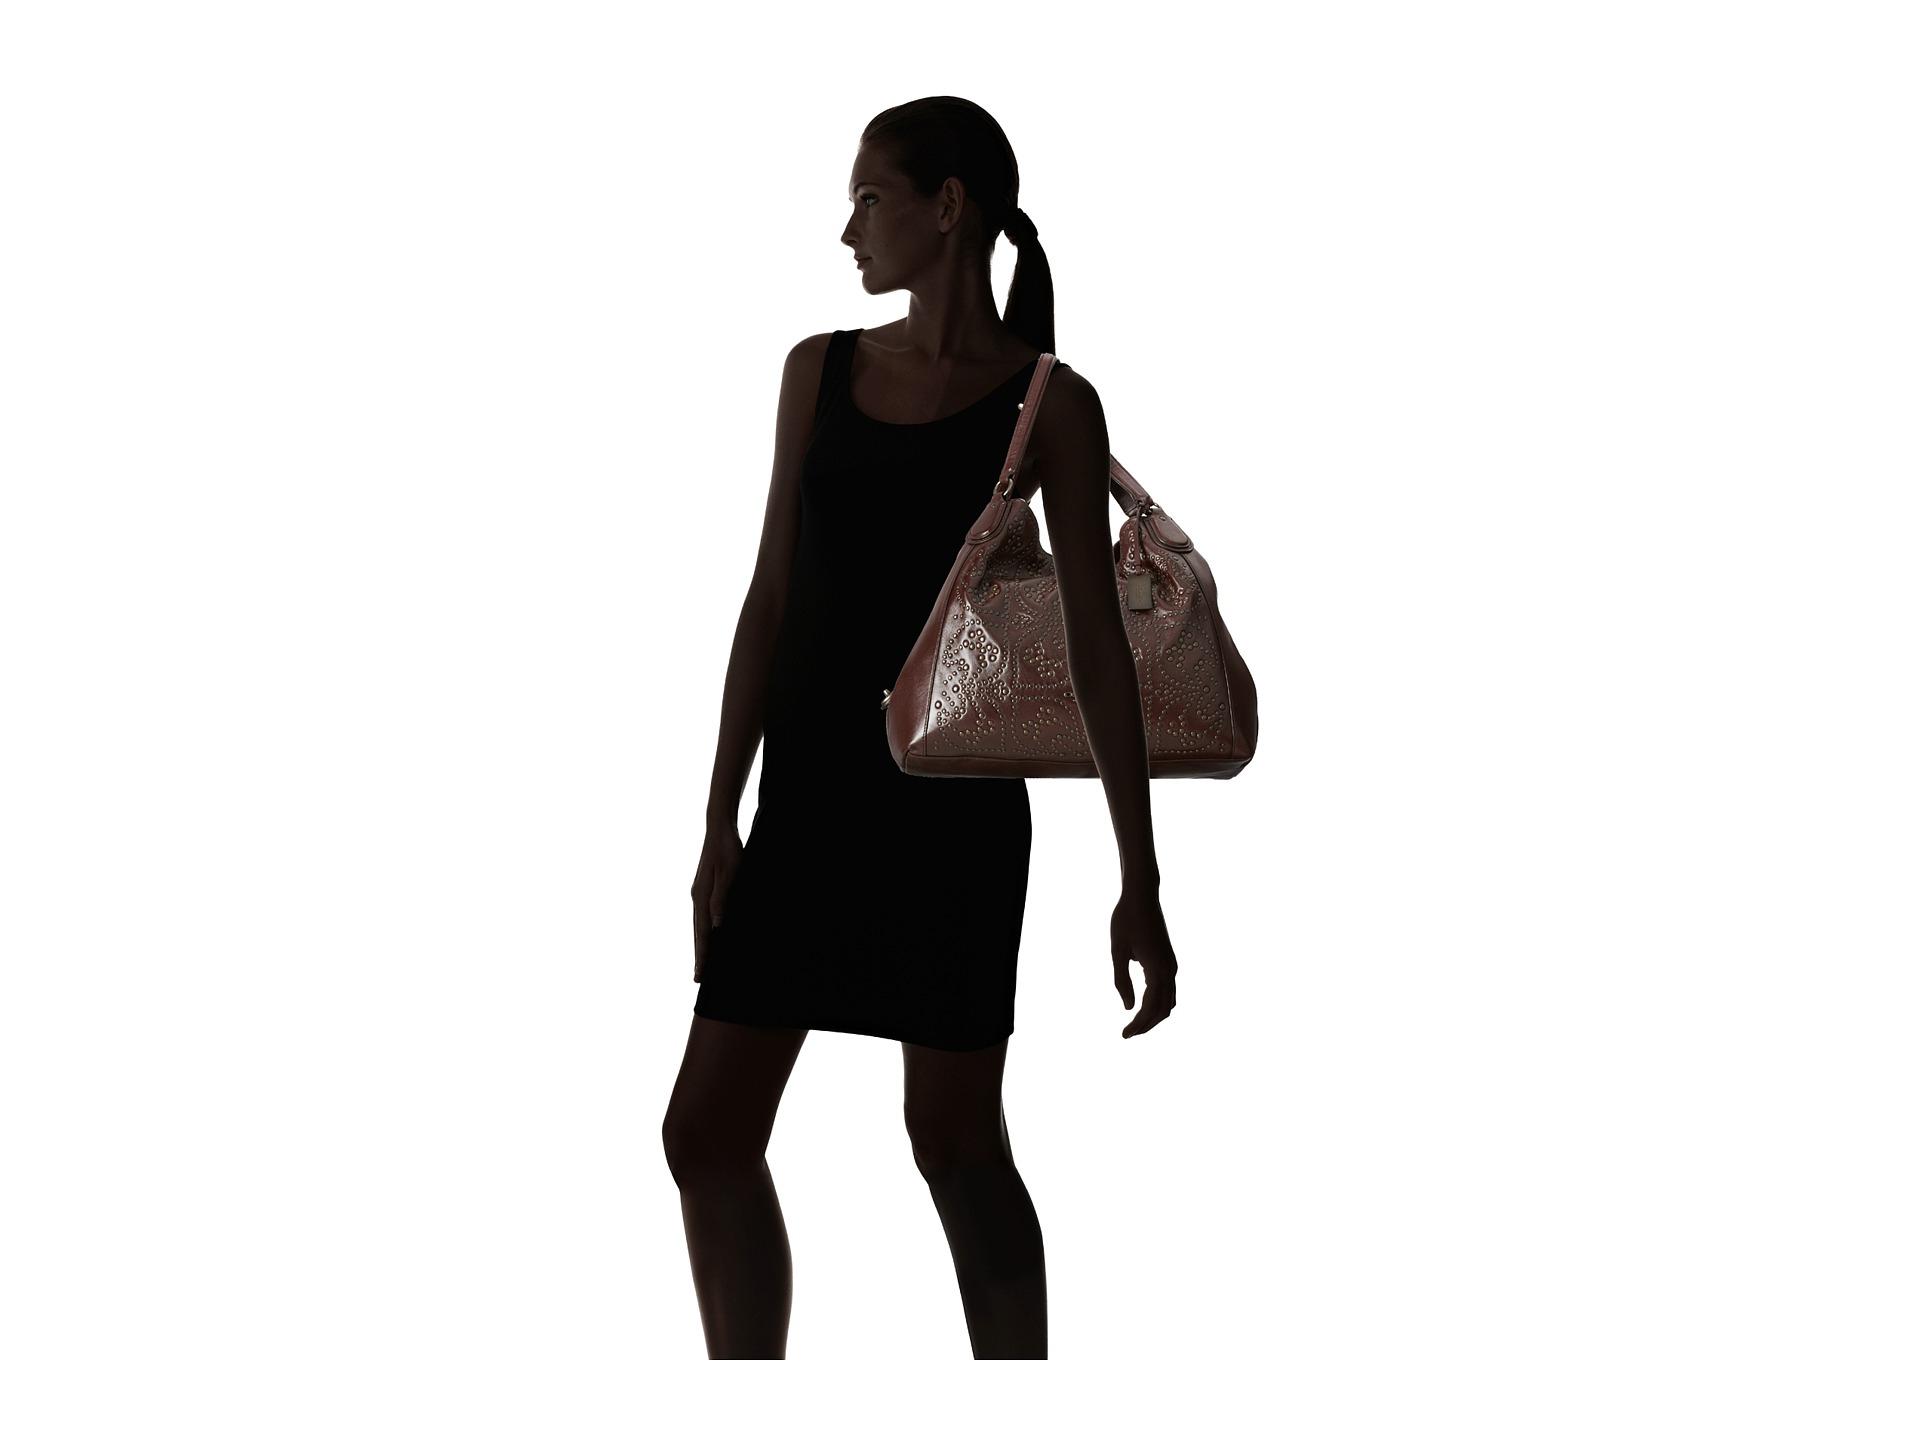 683433906a1e7 ... amazon lyst coach mini stud large edie shoulder bag in purple dd883  3efbb